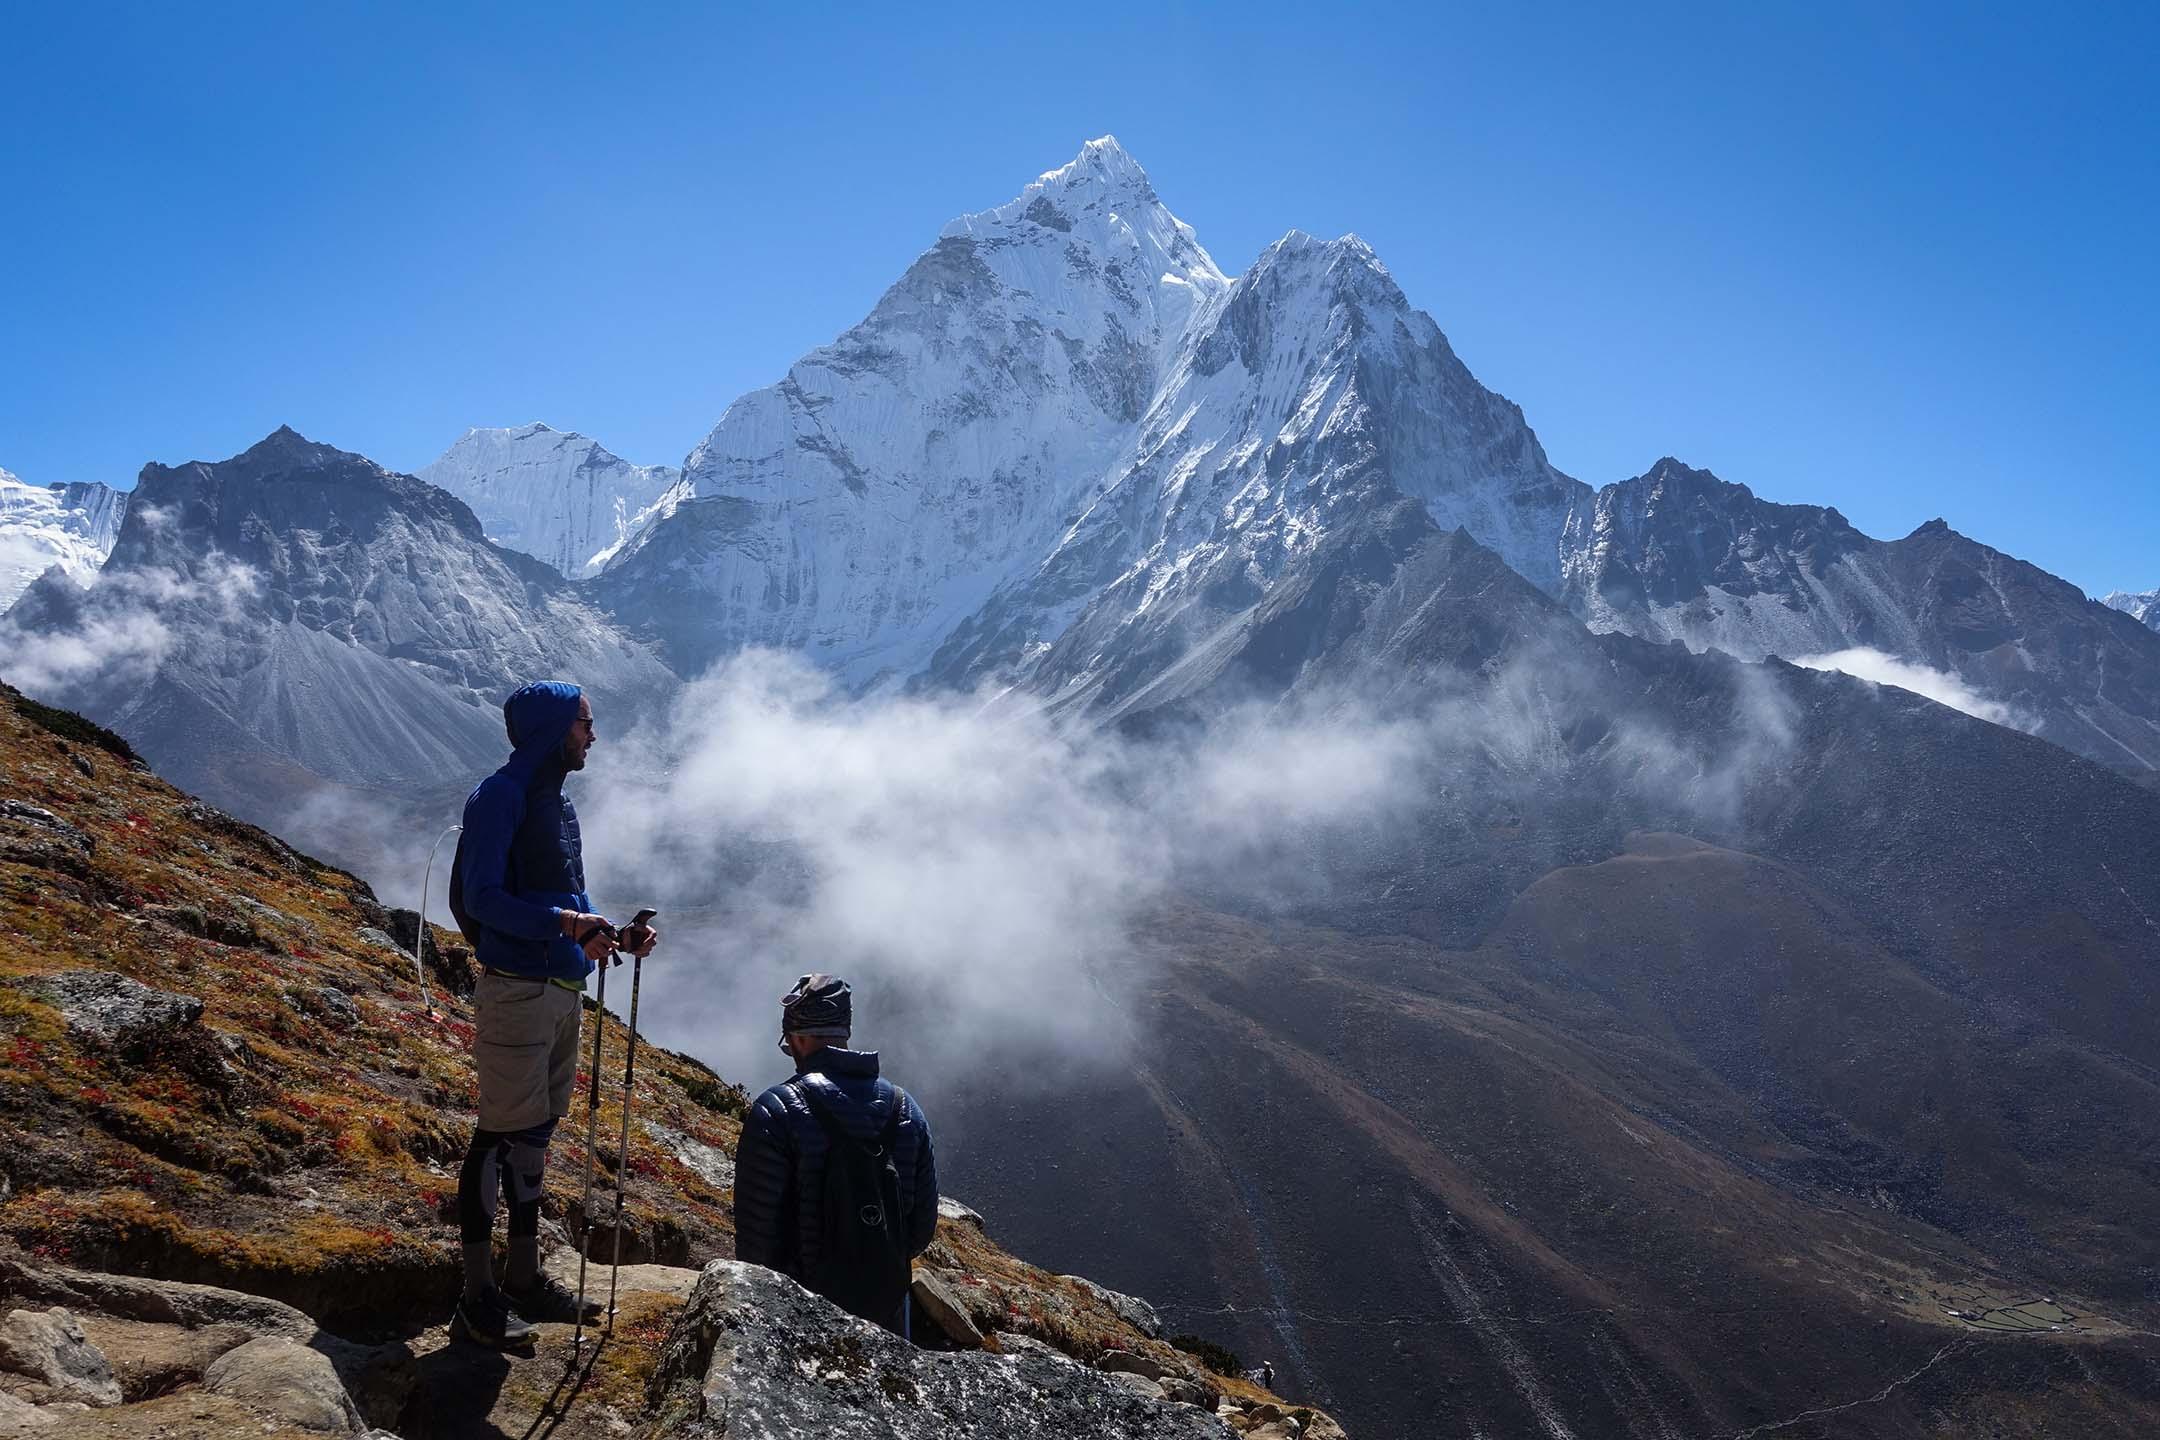 在丁伯崎附近的納賈桑丘(Nagarsang,5090m)進行高度適應。 圖:作者提供